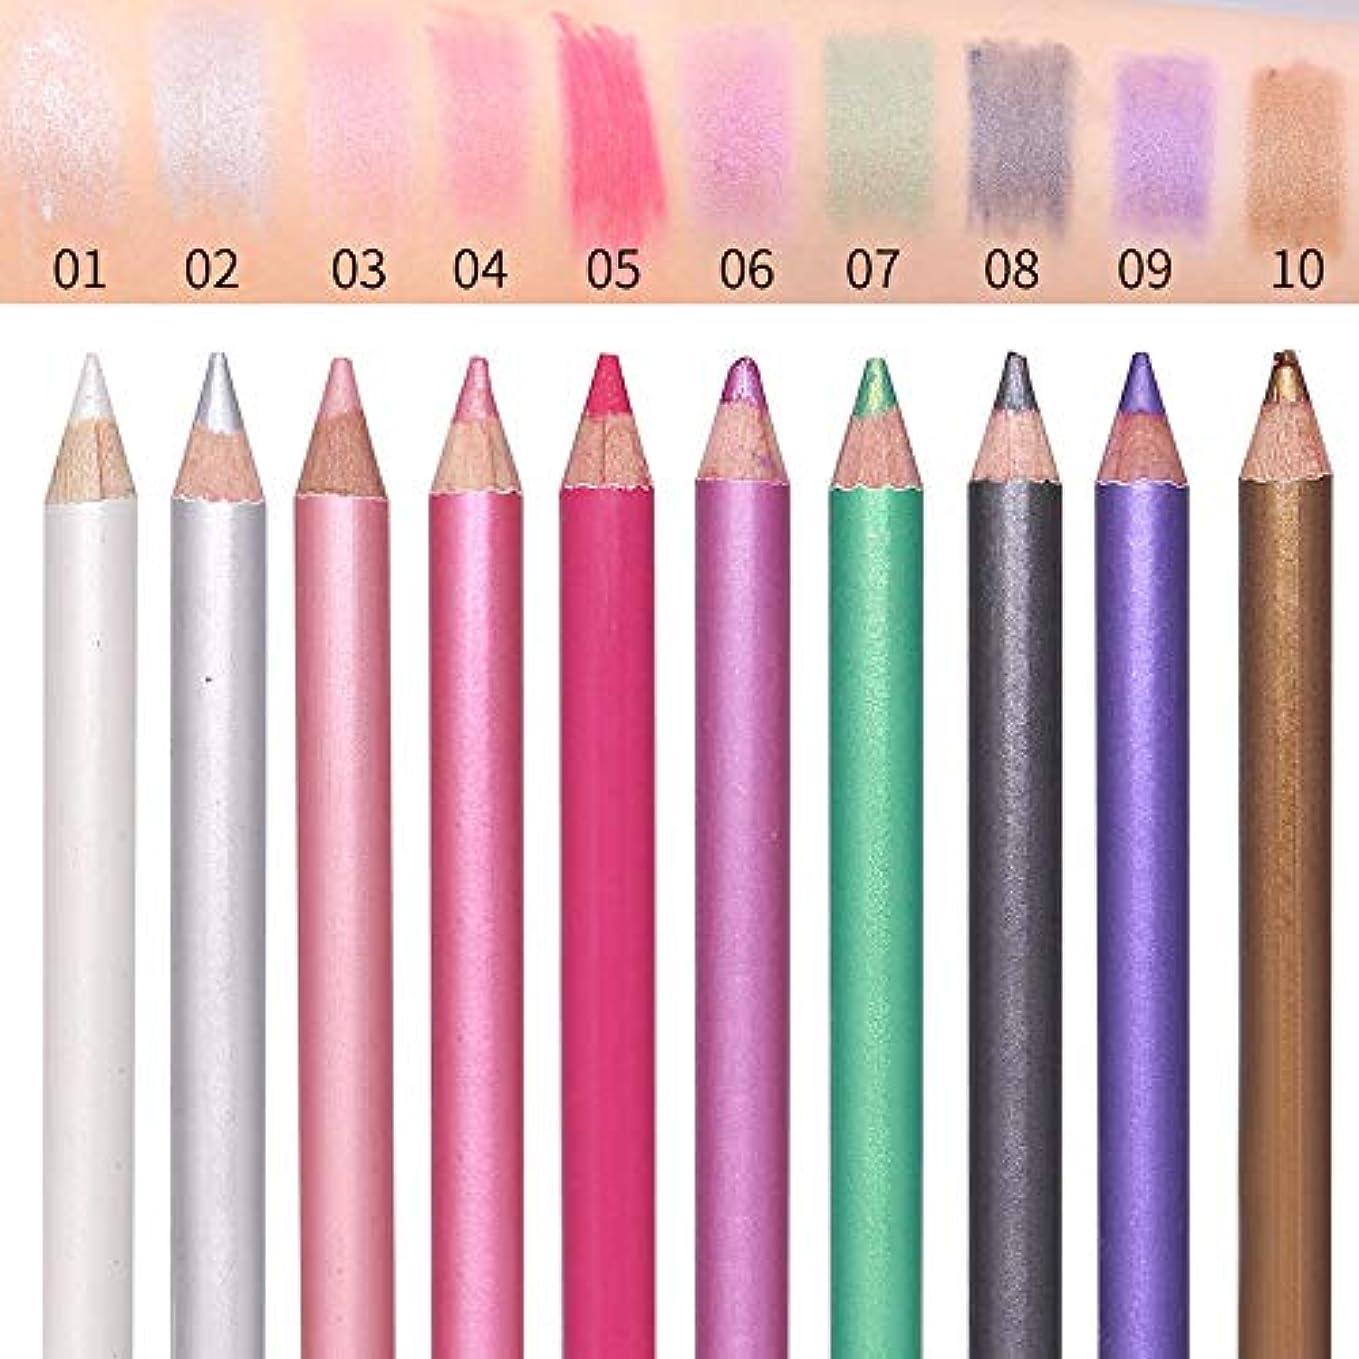 親愛なとにかく上がる1ピースフェイスアイシャドウペンシルハイライト輪郭ペンスティック防水長続き化粧10色シャドウペンシル付きブレンダー (3)